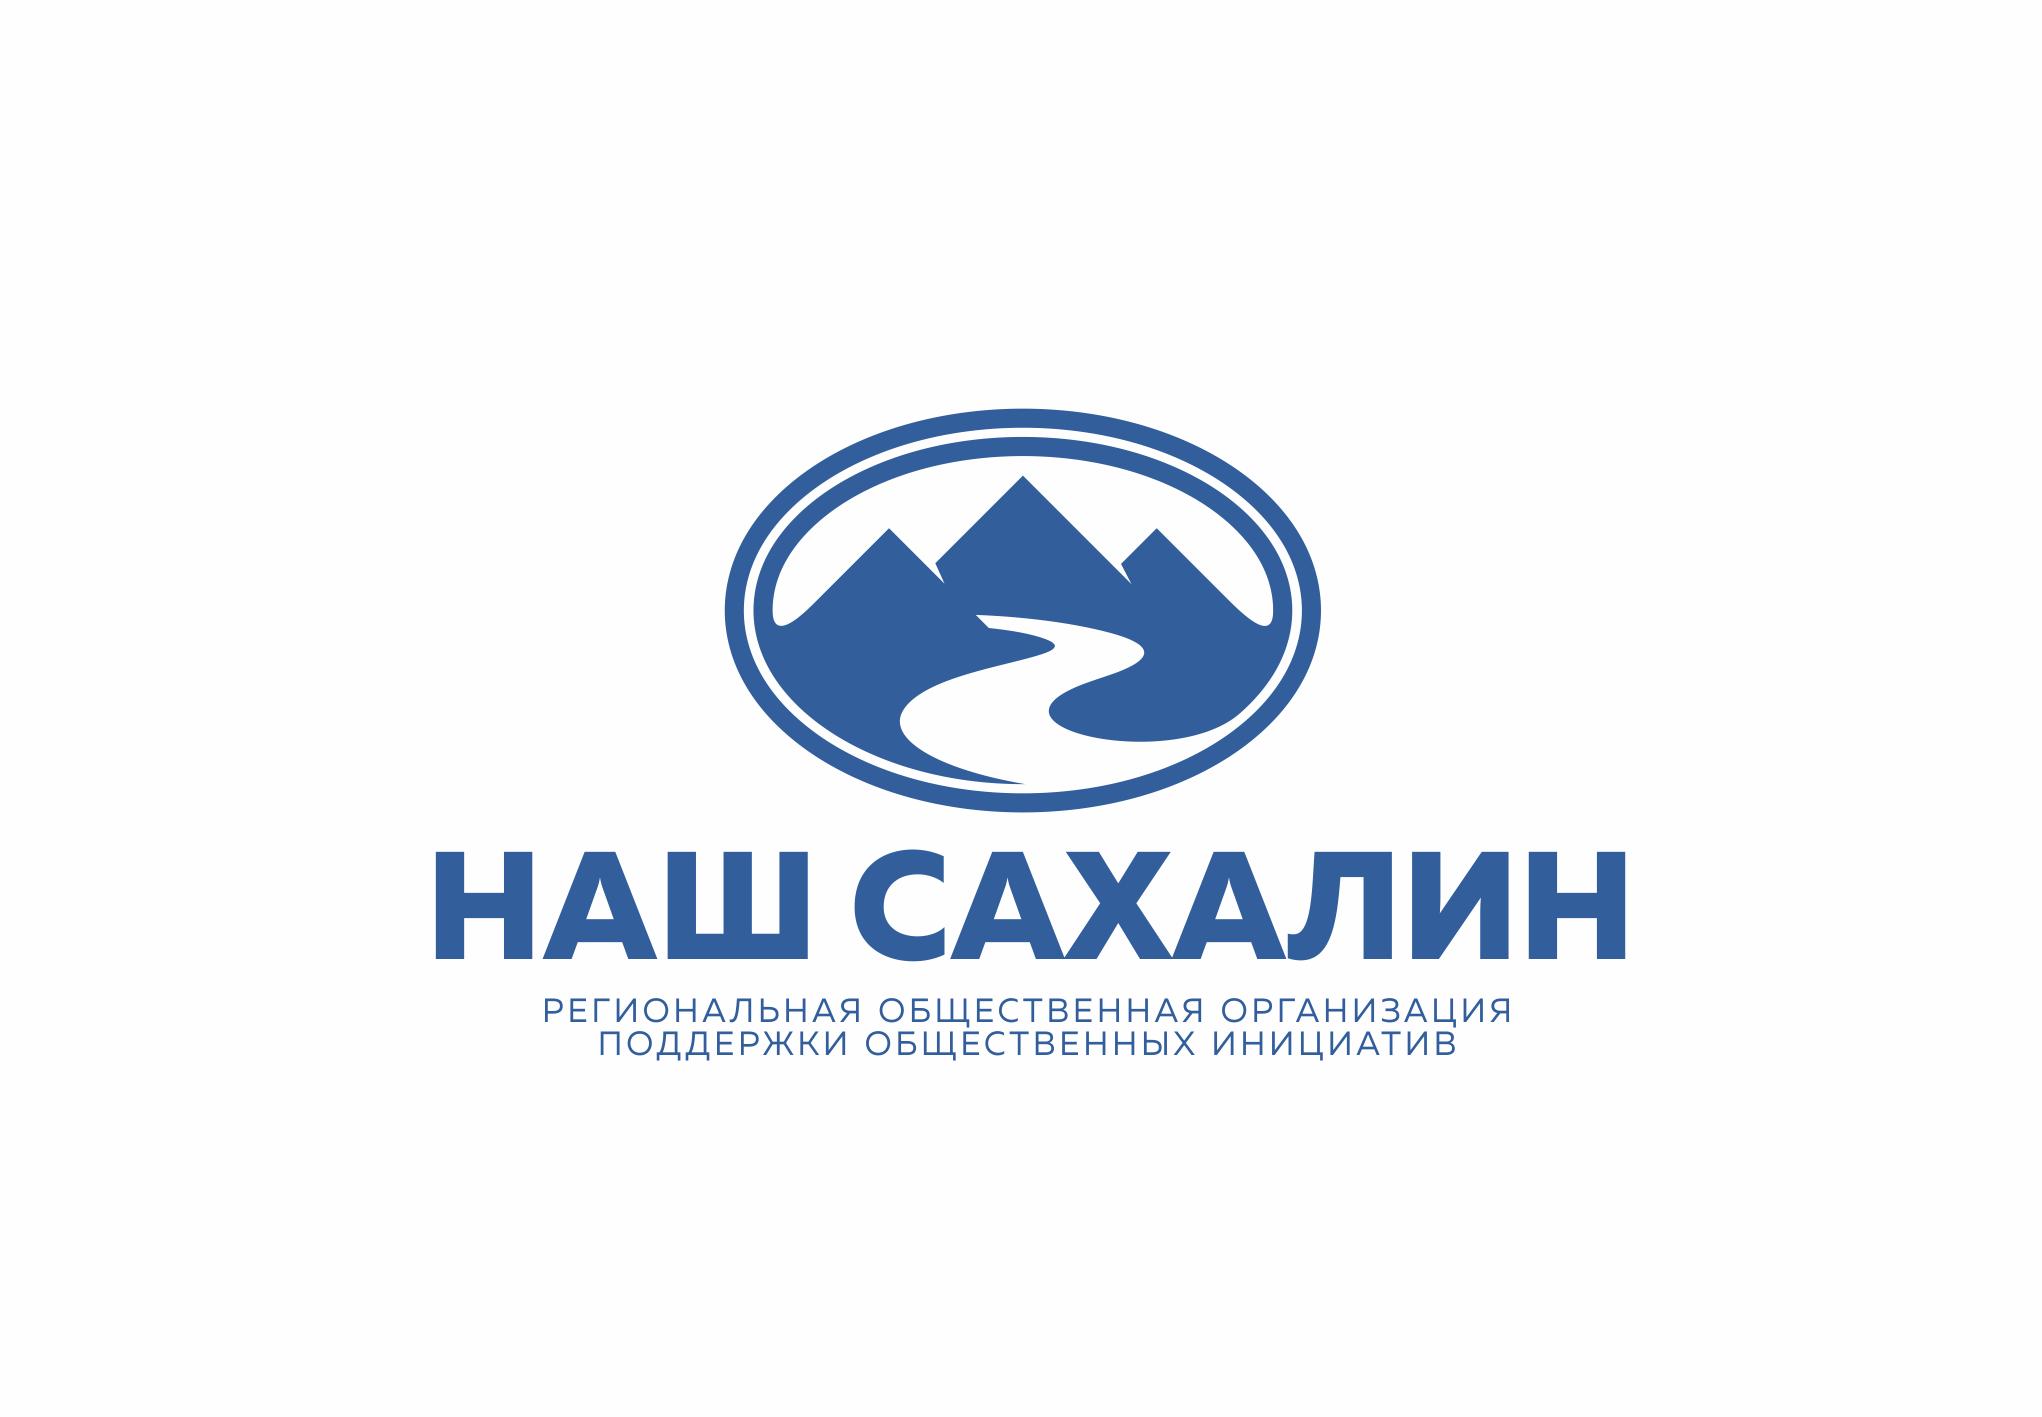 """Логотип для некоммерческой организации """"Наш Сахалин"""" фото f_8865a816f82d9ddb.png"""